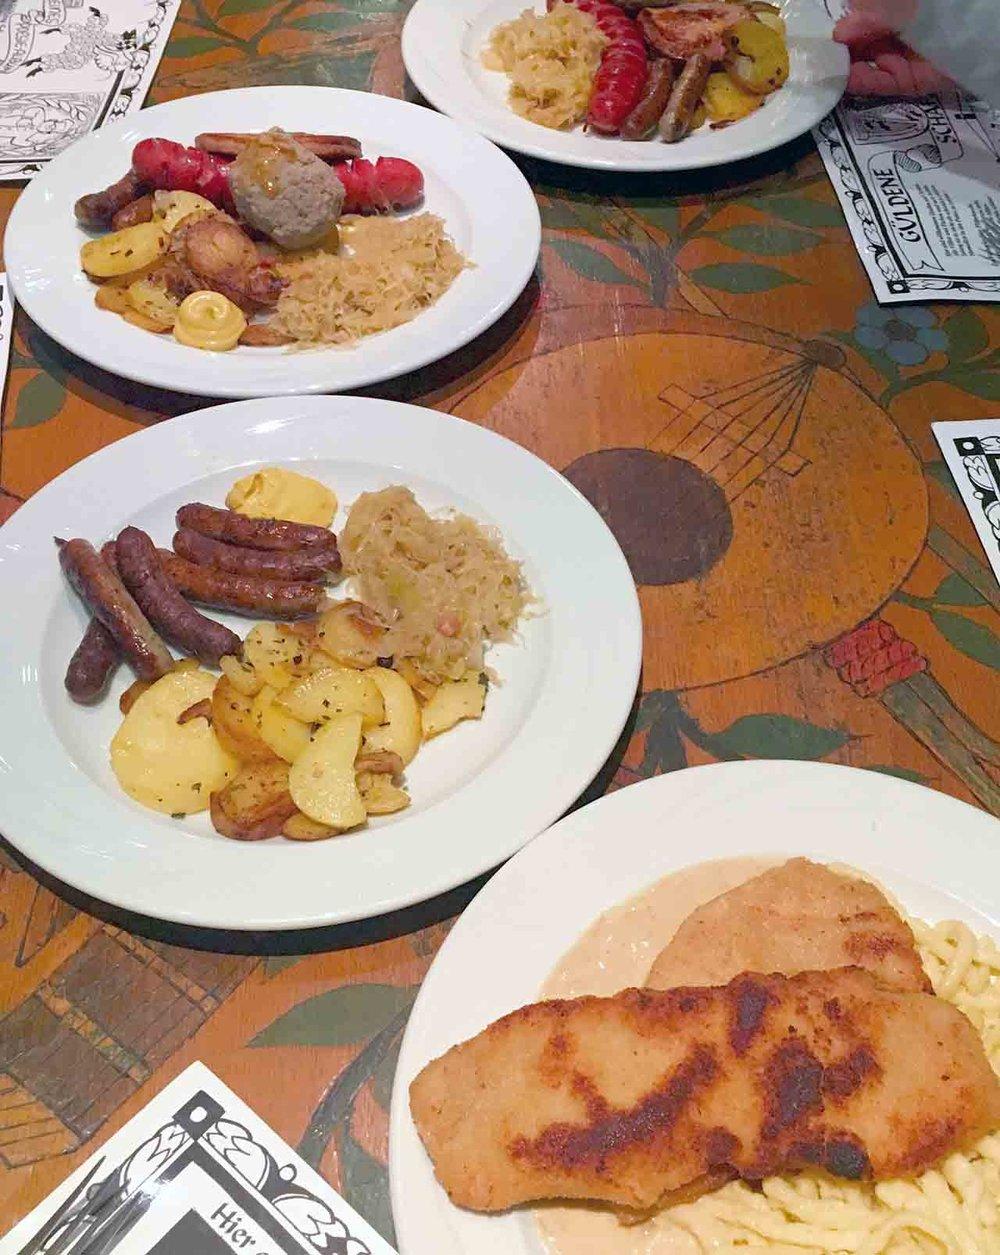 Spätzle, schnitzel, sausages, and sauerkraut in Heidelberg.